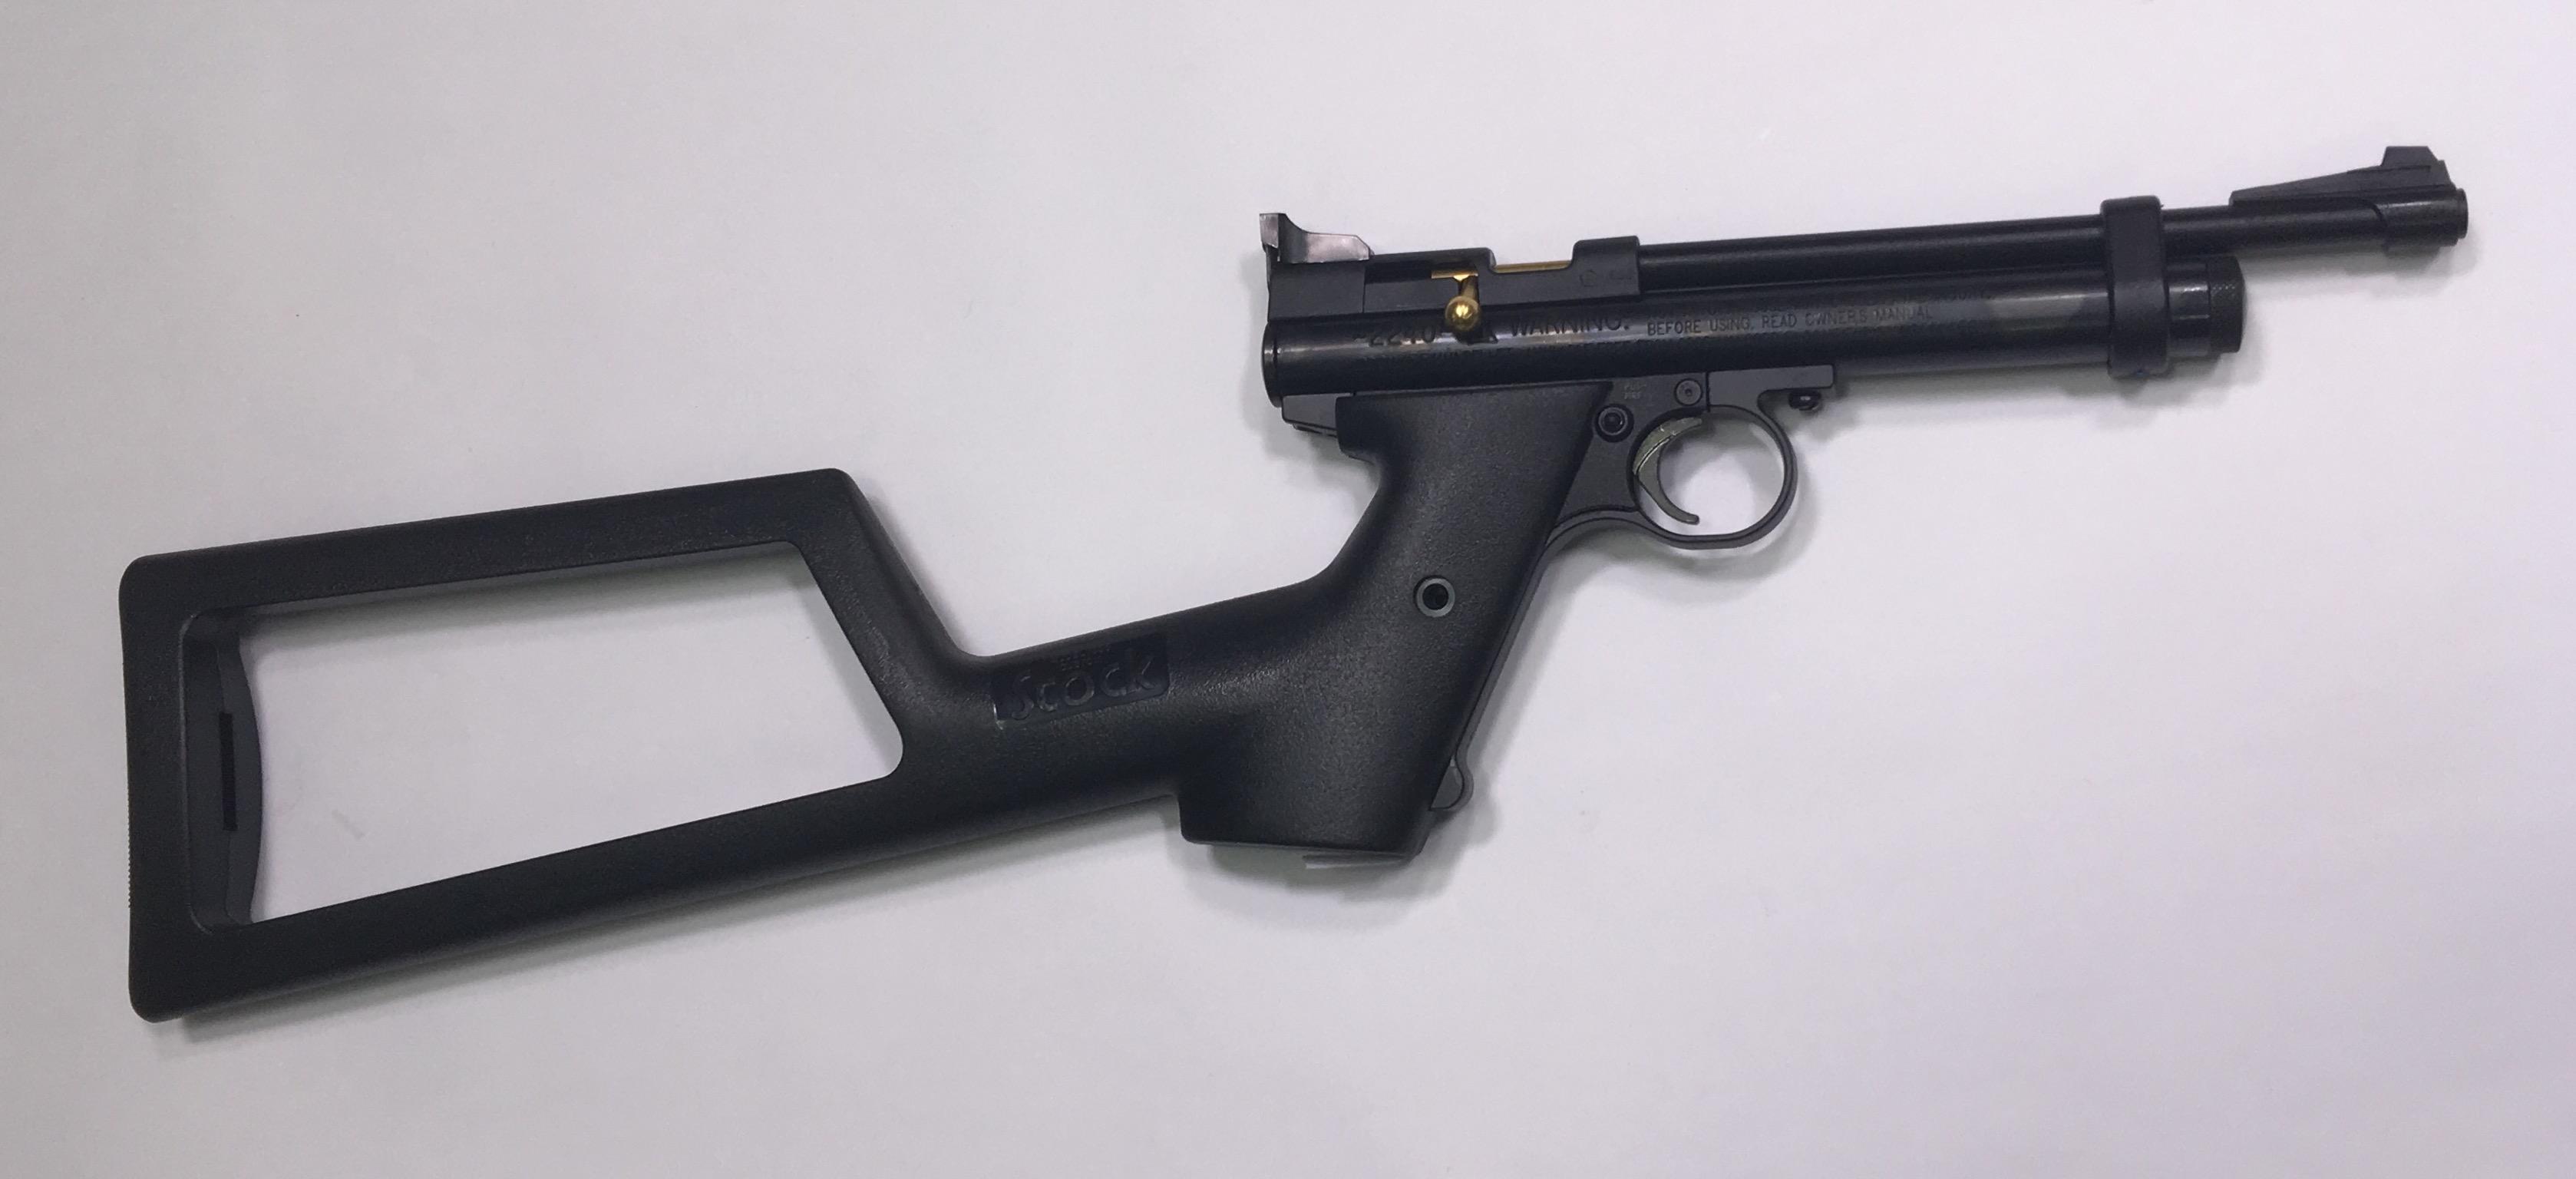 Montagebeispiel zum Anschlagschaft an der CO2 Pistole Crosman 2240